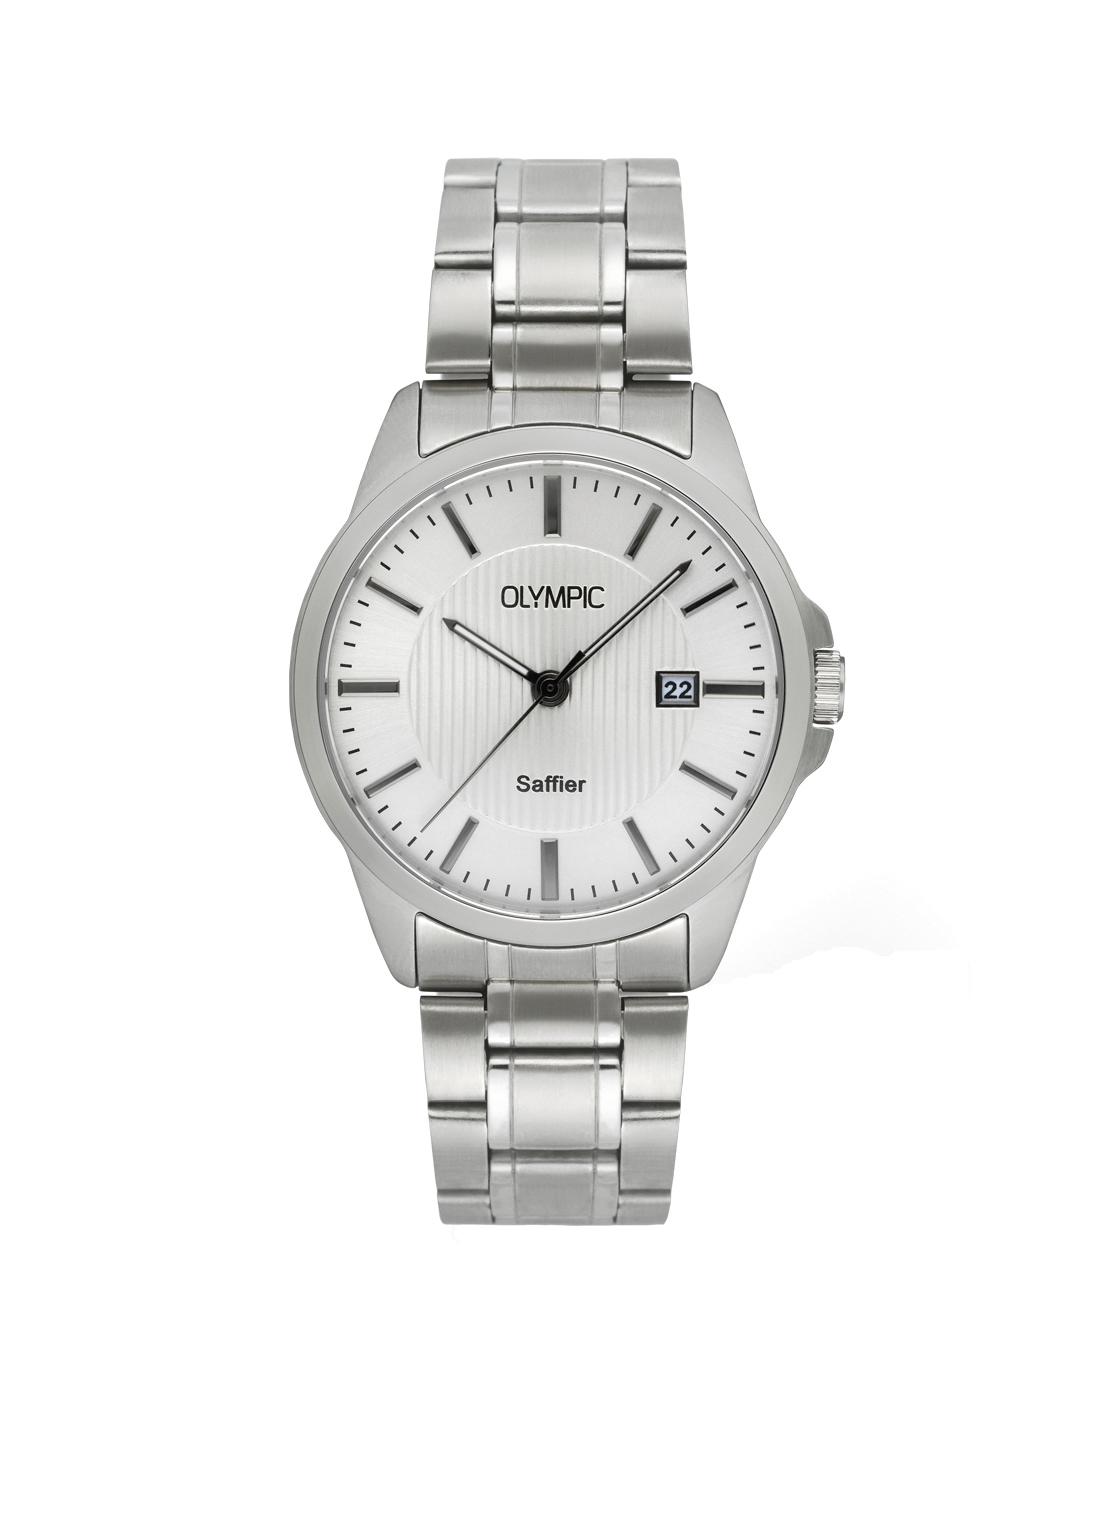 Olympic OL26HSS285 Bari Horloge Staal Zilverkleurig 39mm Heren